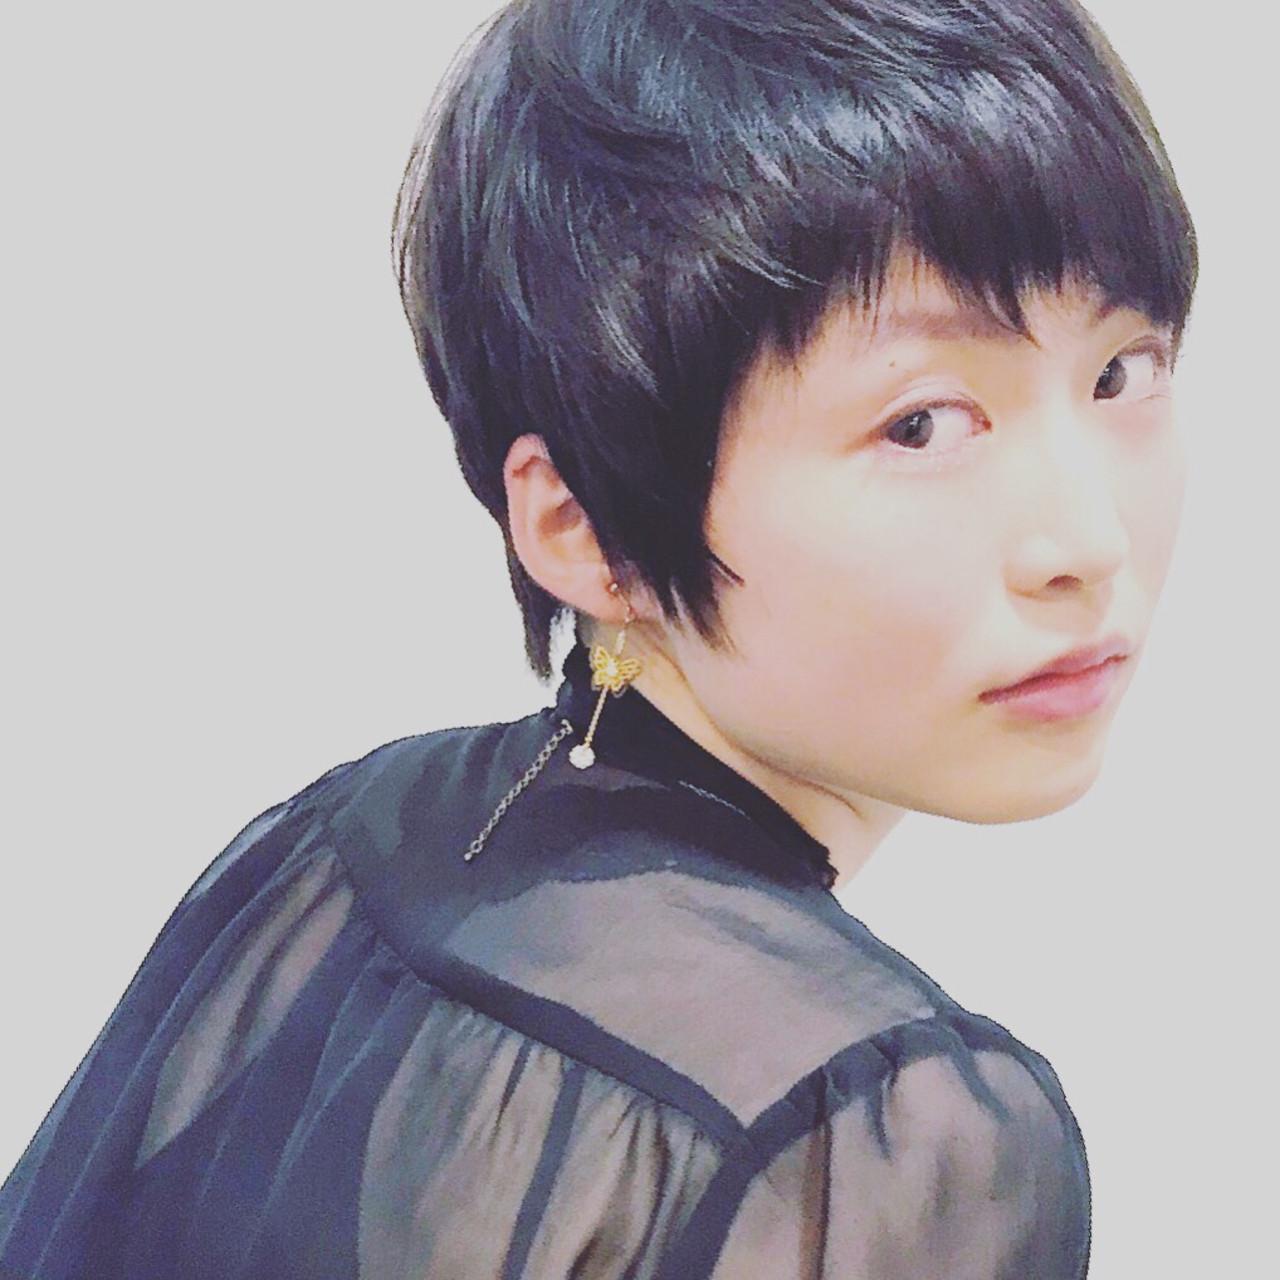 マッシュショート フェザーバング ショート 黒髪ヘアスタイルや髪型の写真・画像